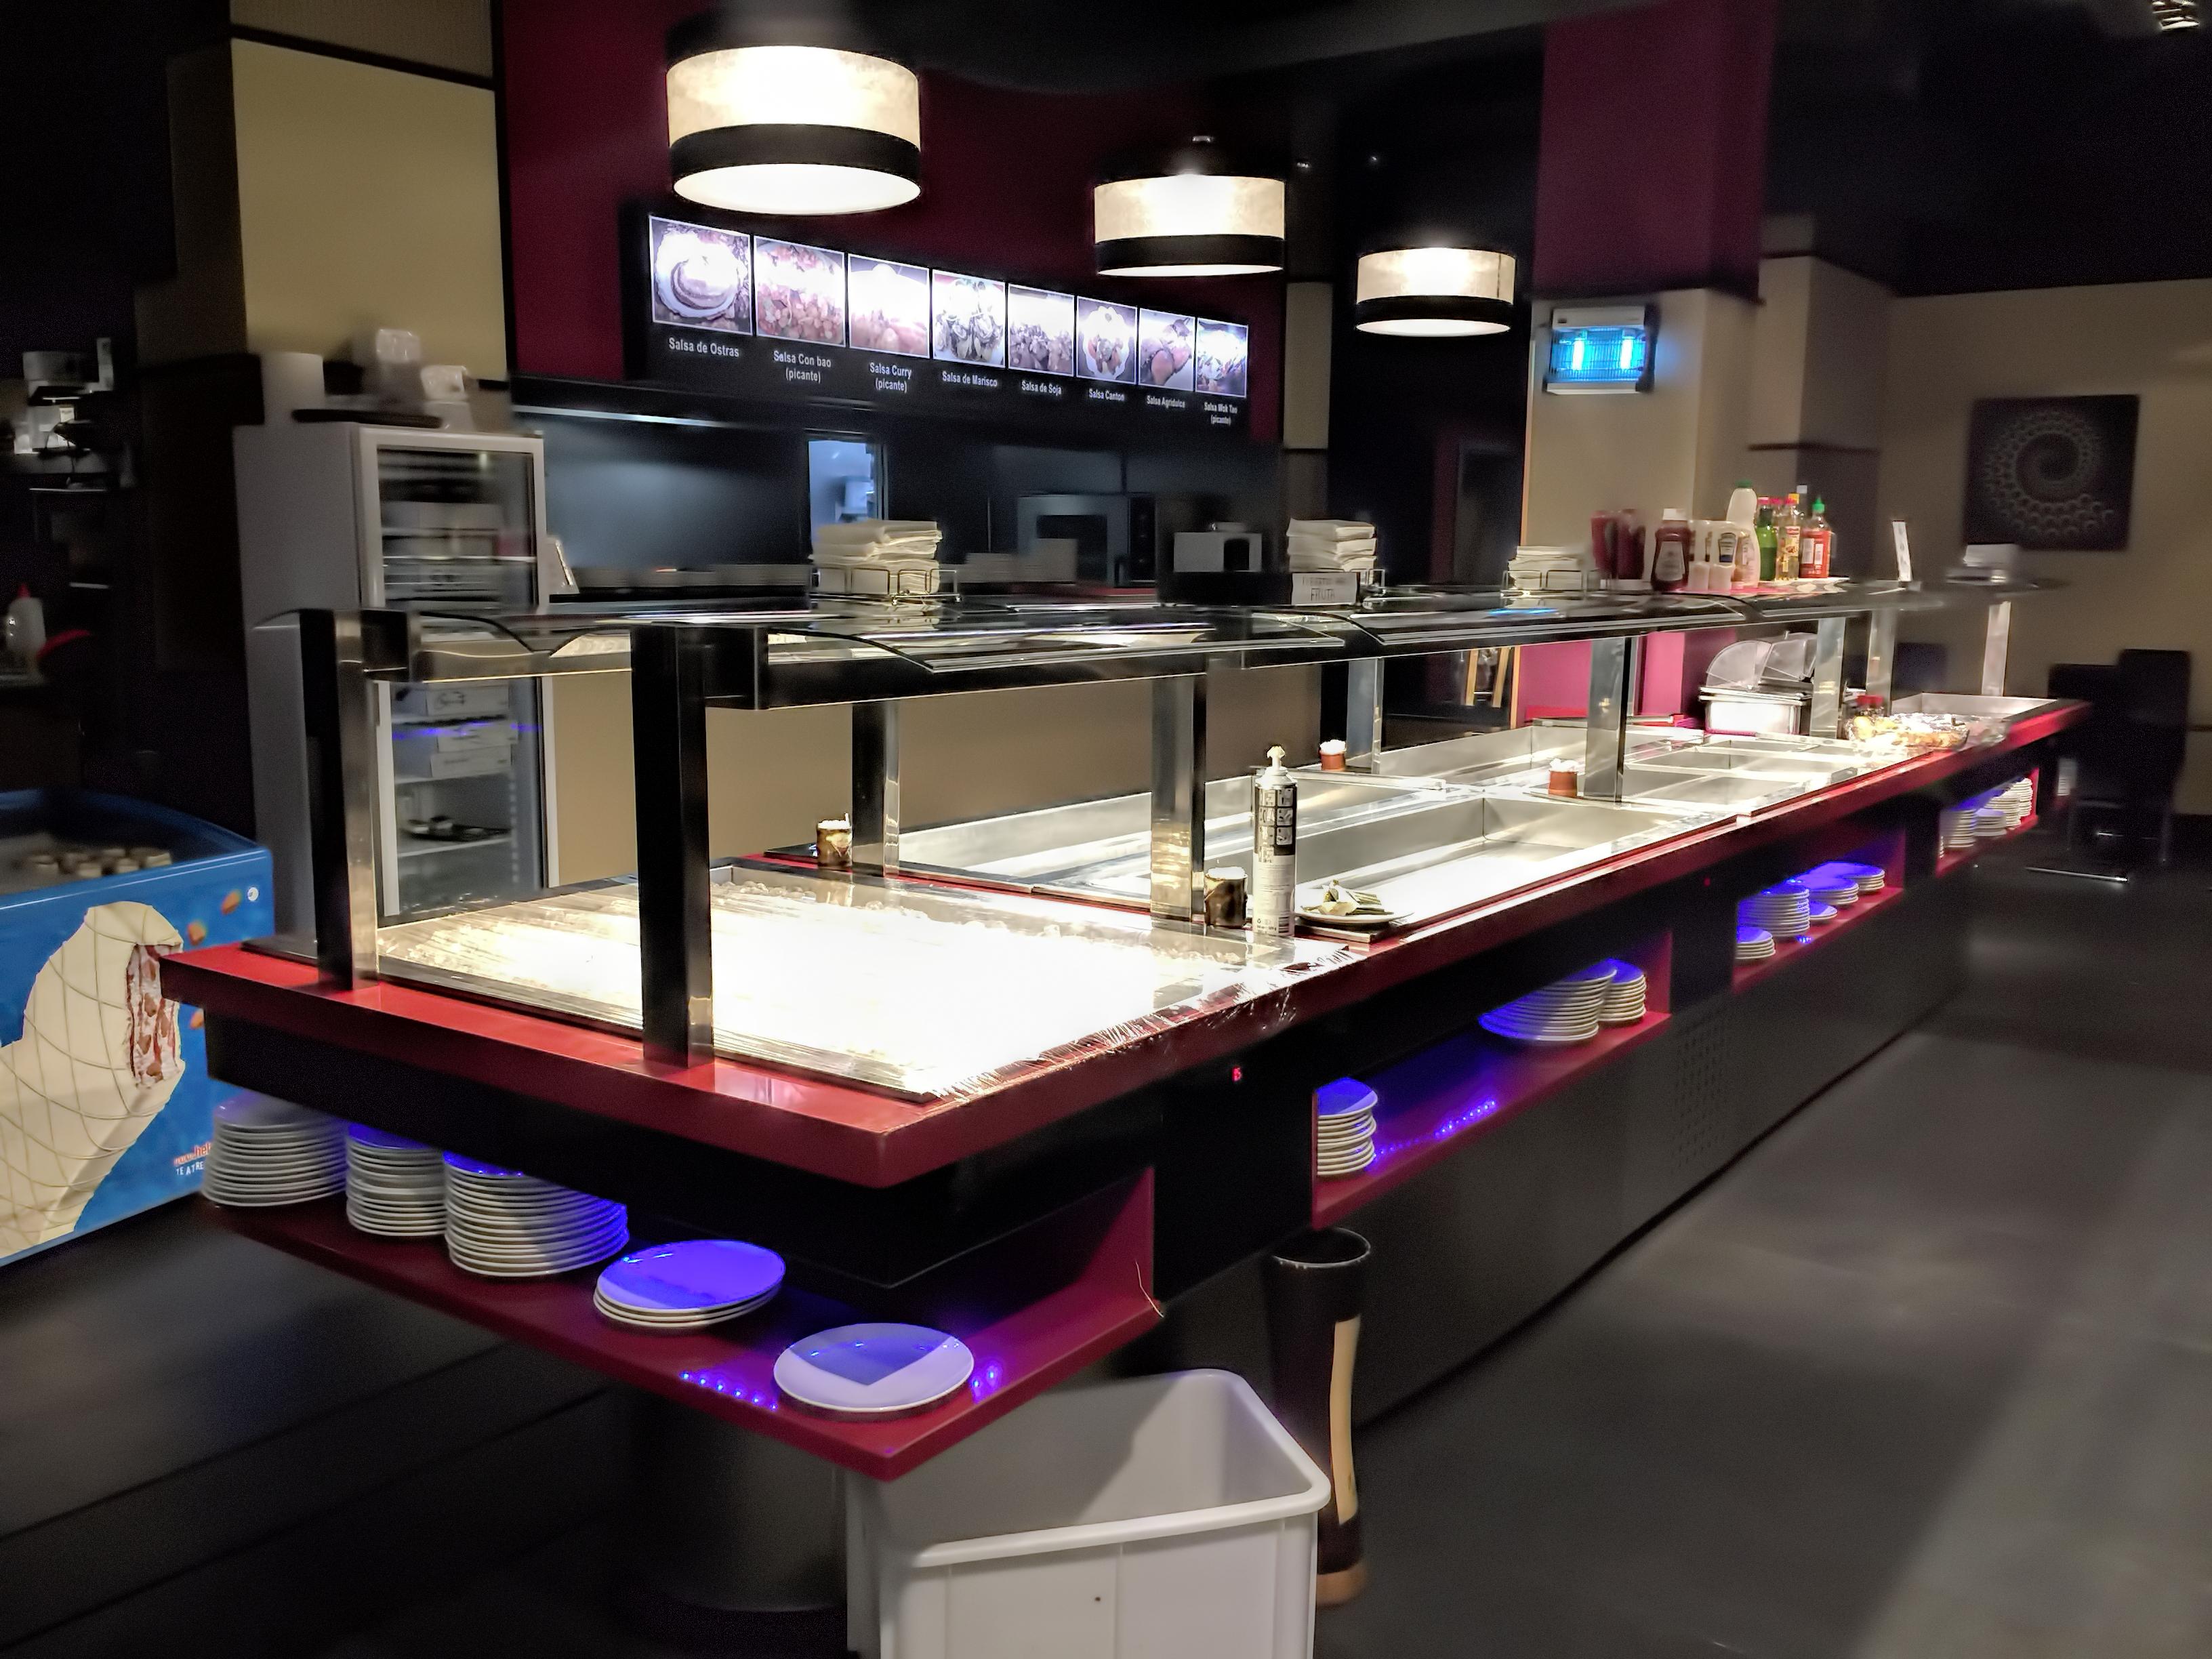 fotos-buffet-proyectos-obras-aceroinnova-cocinas-hosteleria-restauracion-instalaciones-montaje8